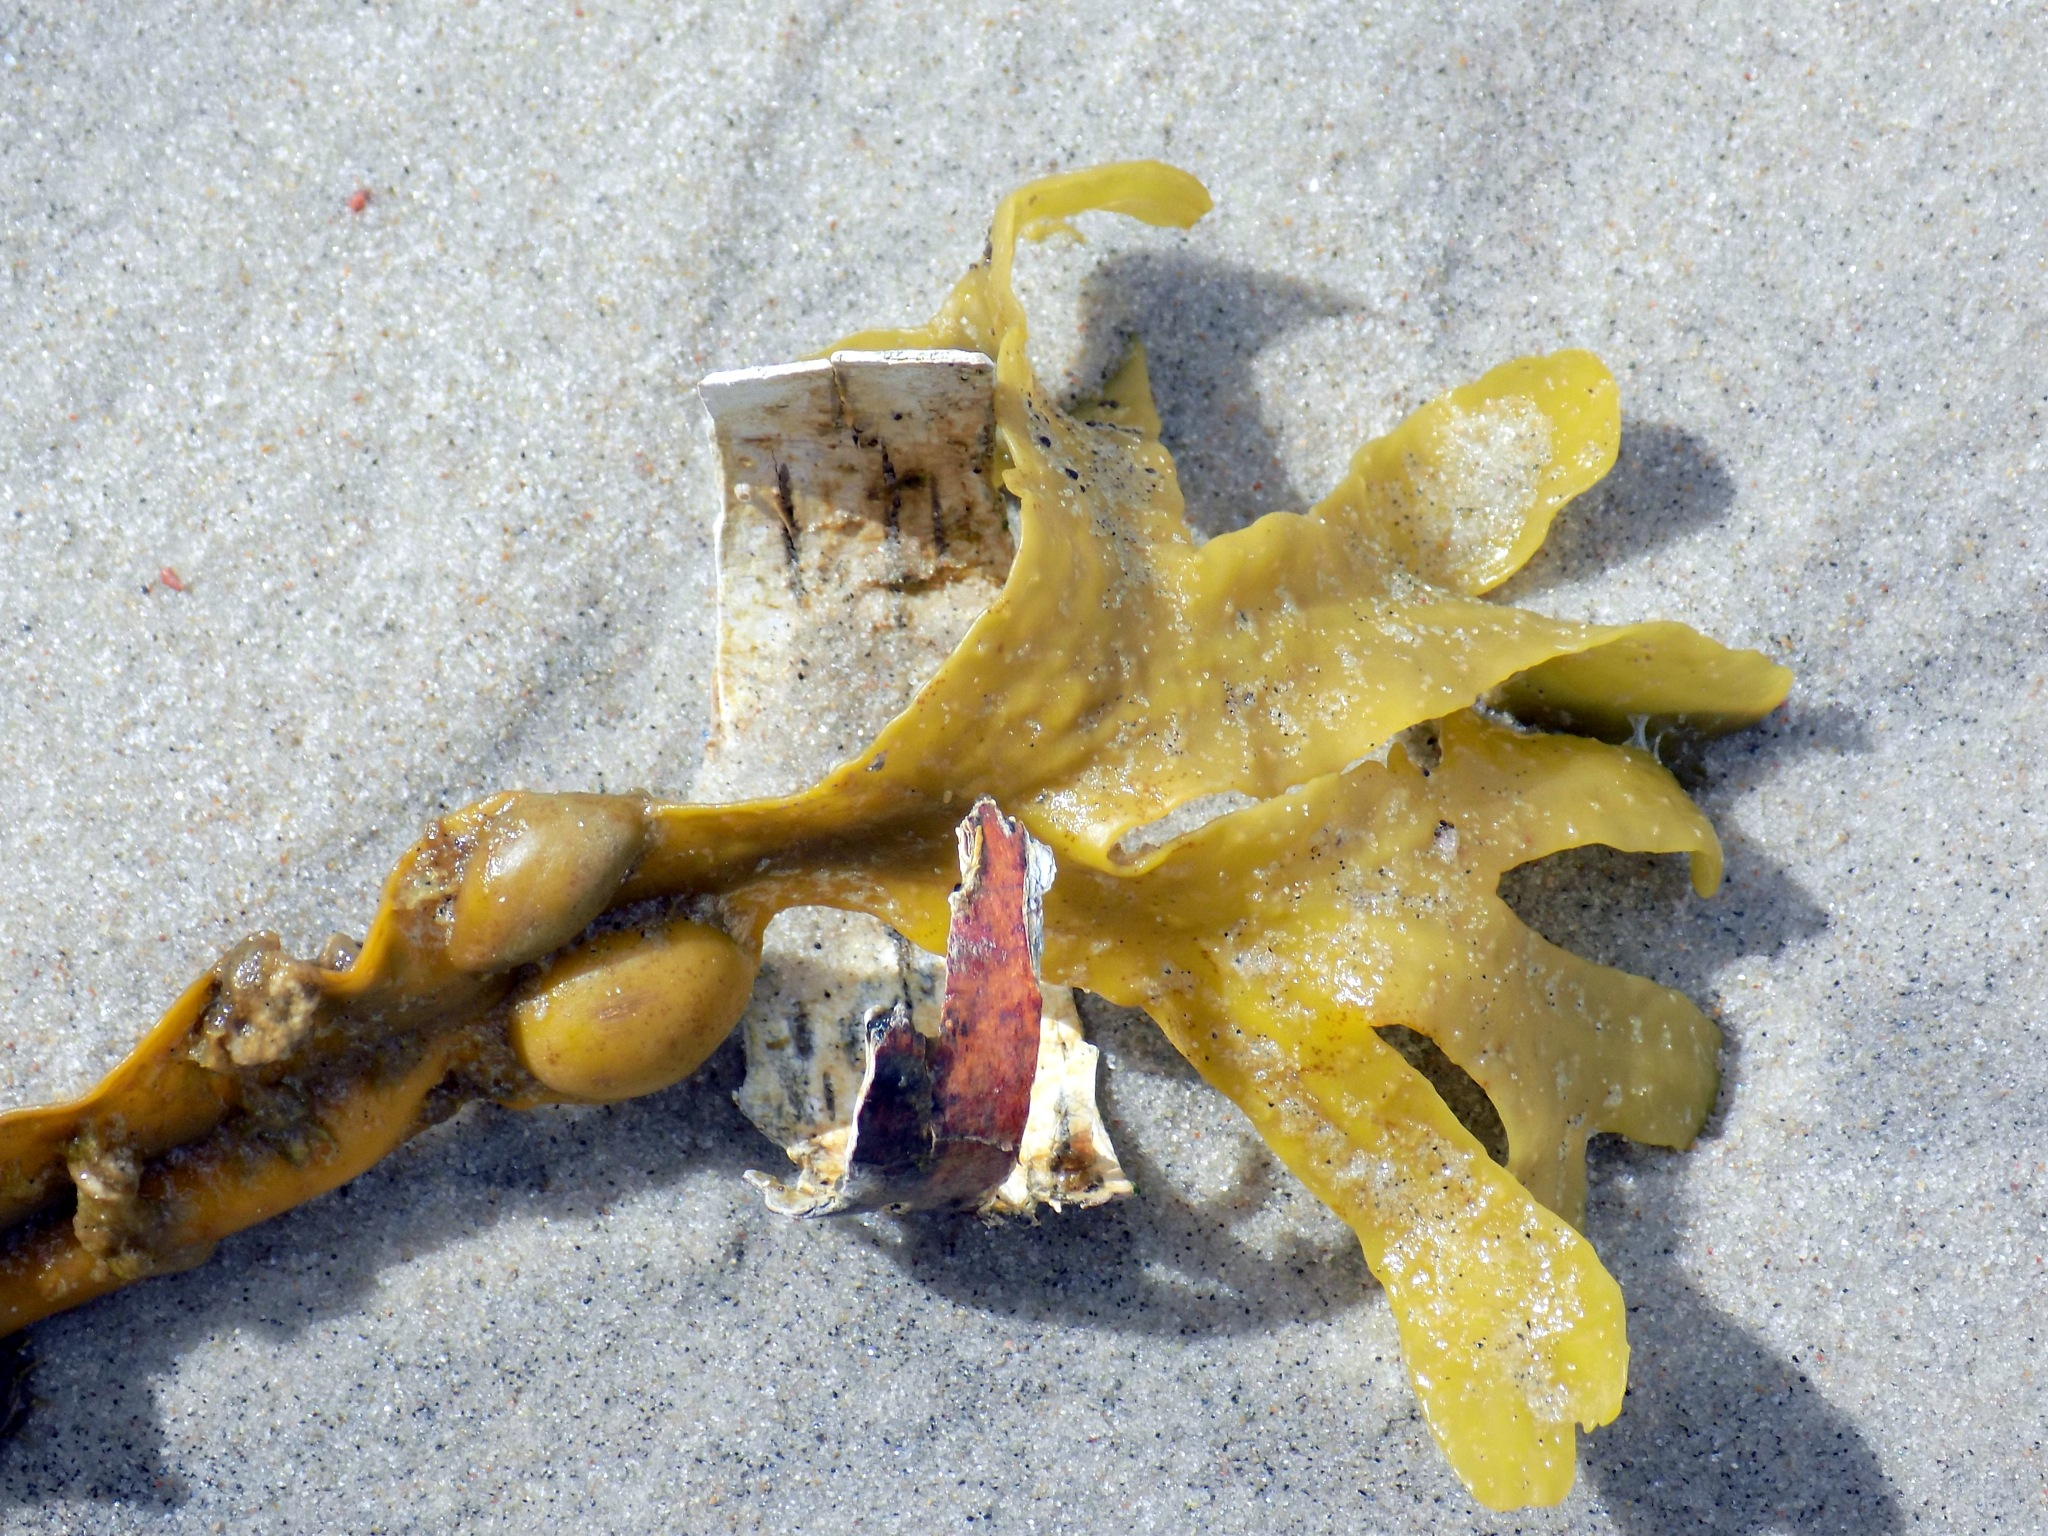 On the seaside sand by uzkuraitiene62